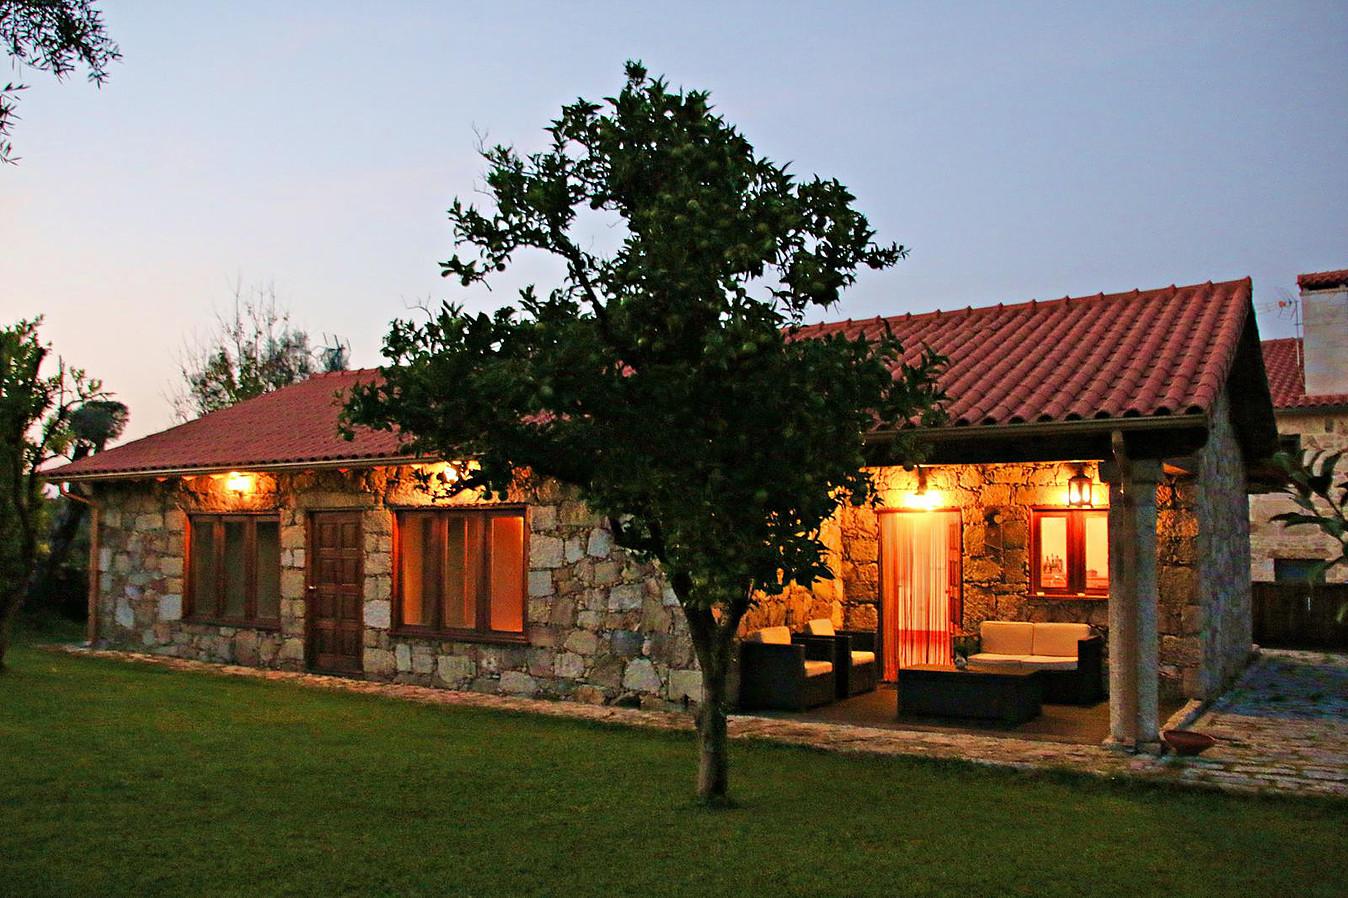 Casa do Barral